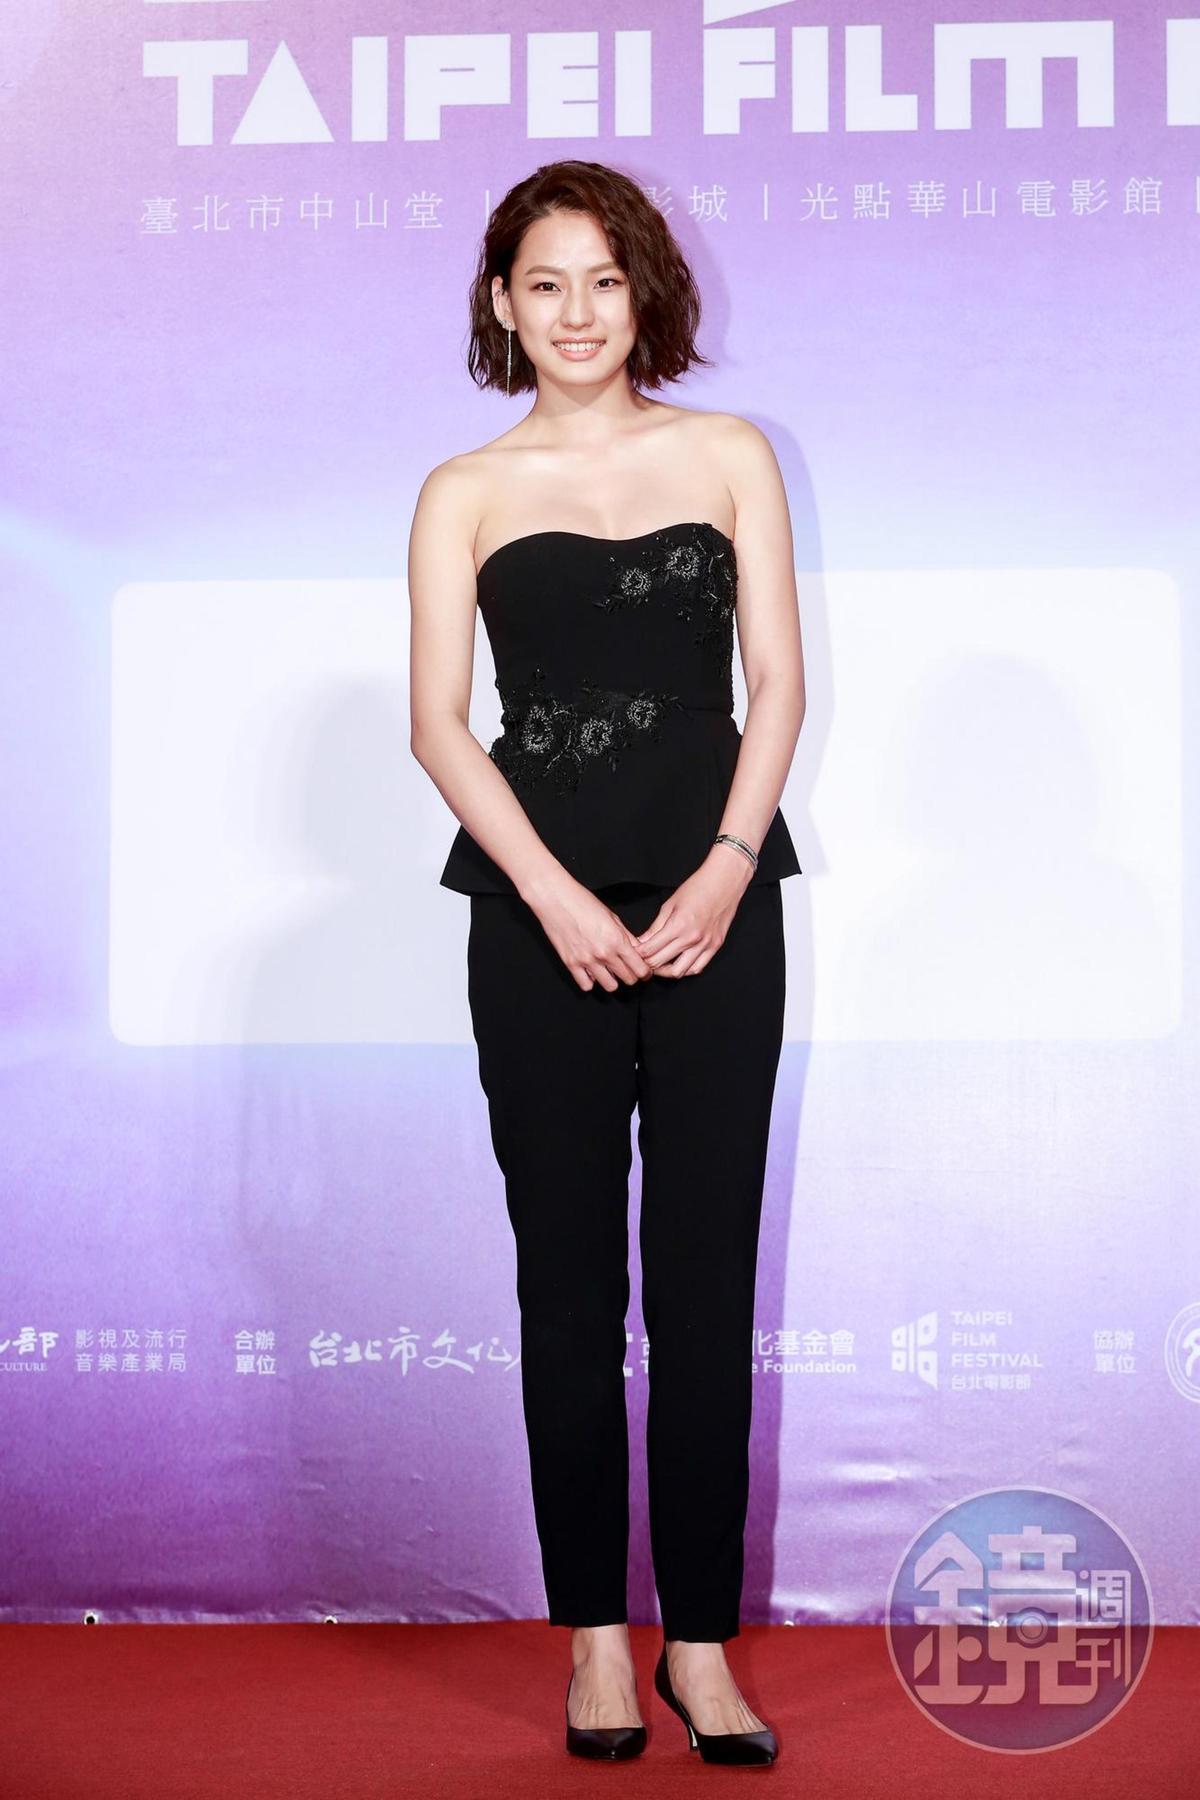 陳向熙在《范保德》片中讓好多男生都為她暈船了。